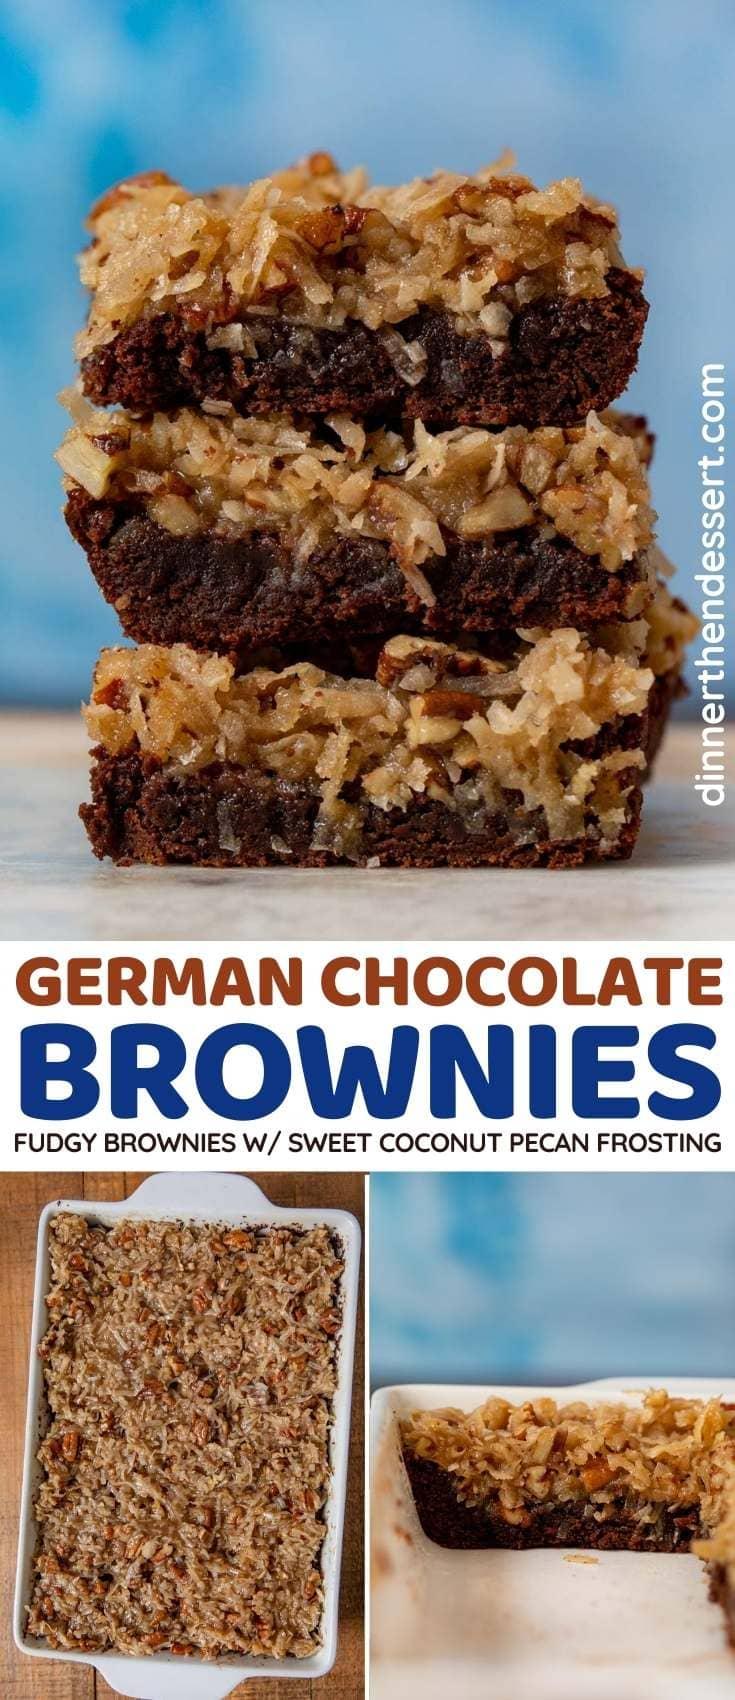 German Chocolate Brownies collage